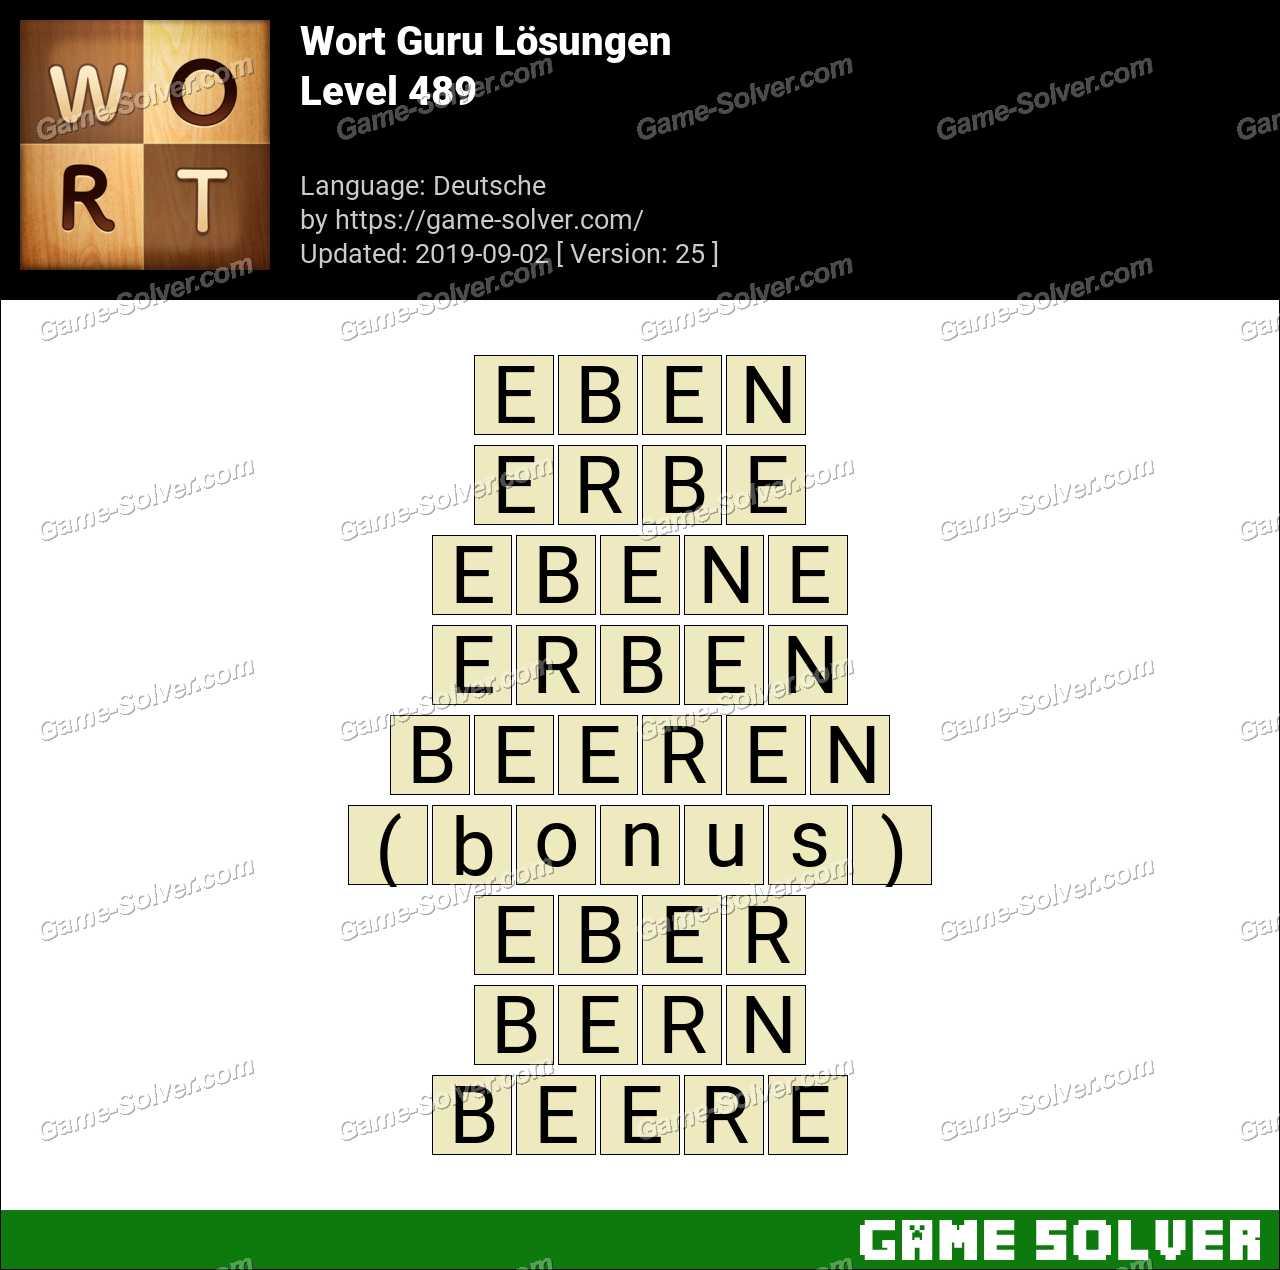 Wort Guru Level 489 Lösungen